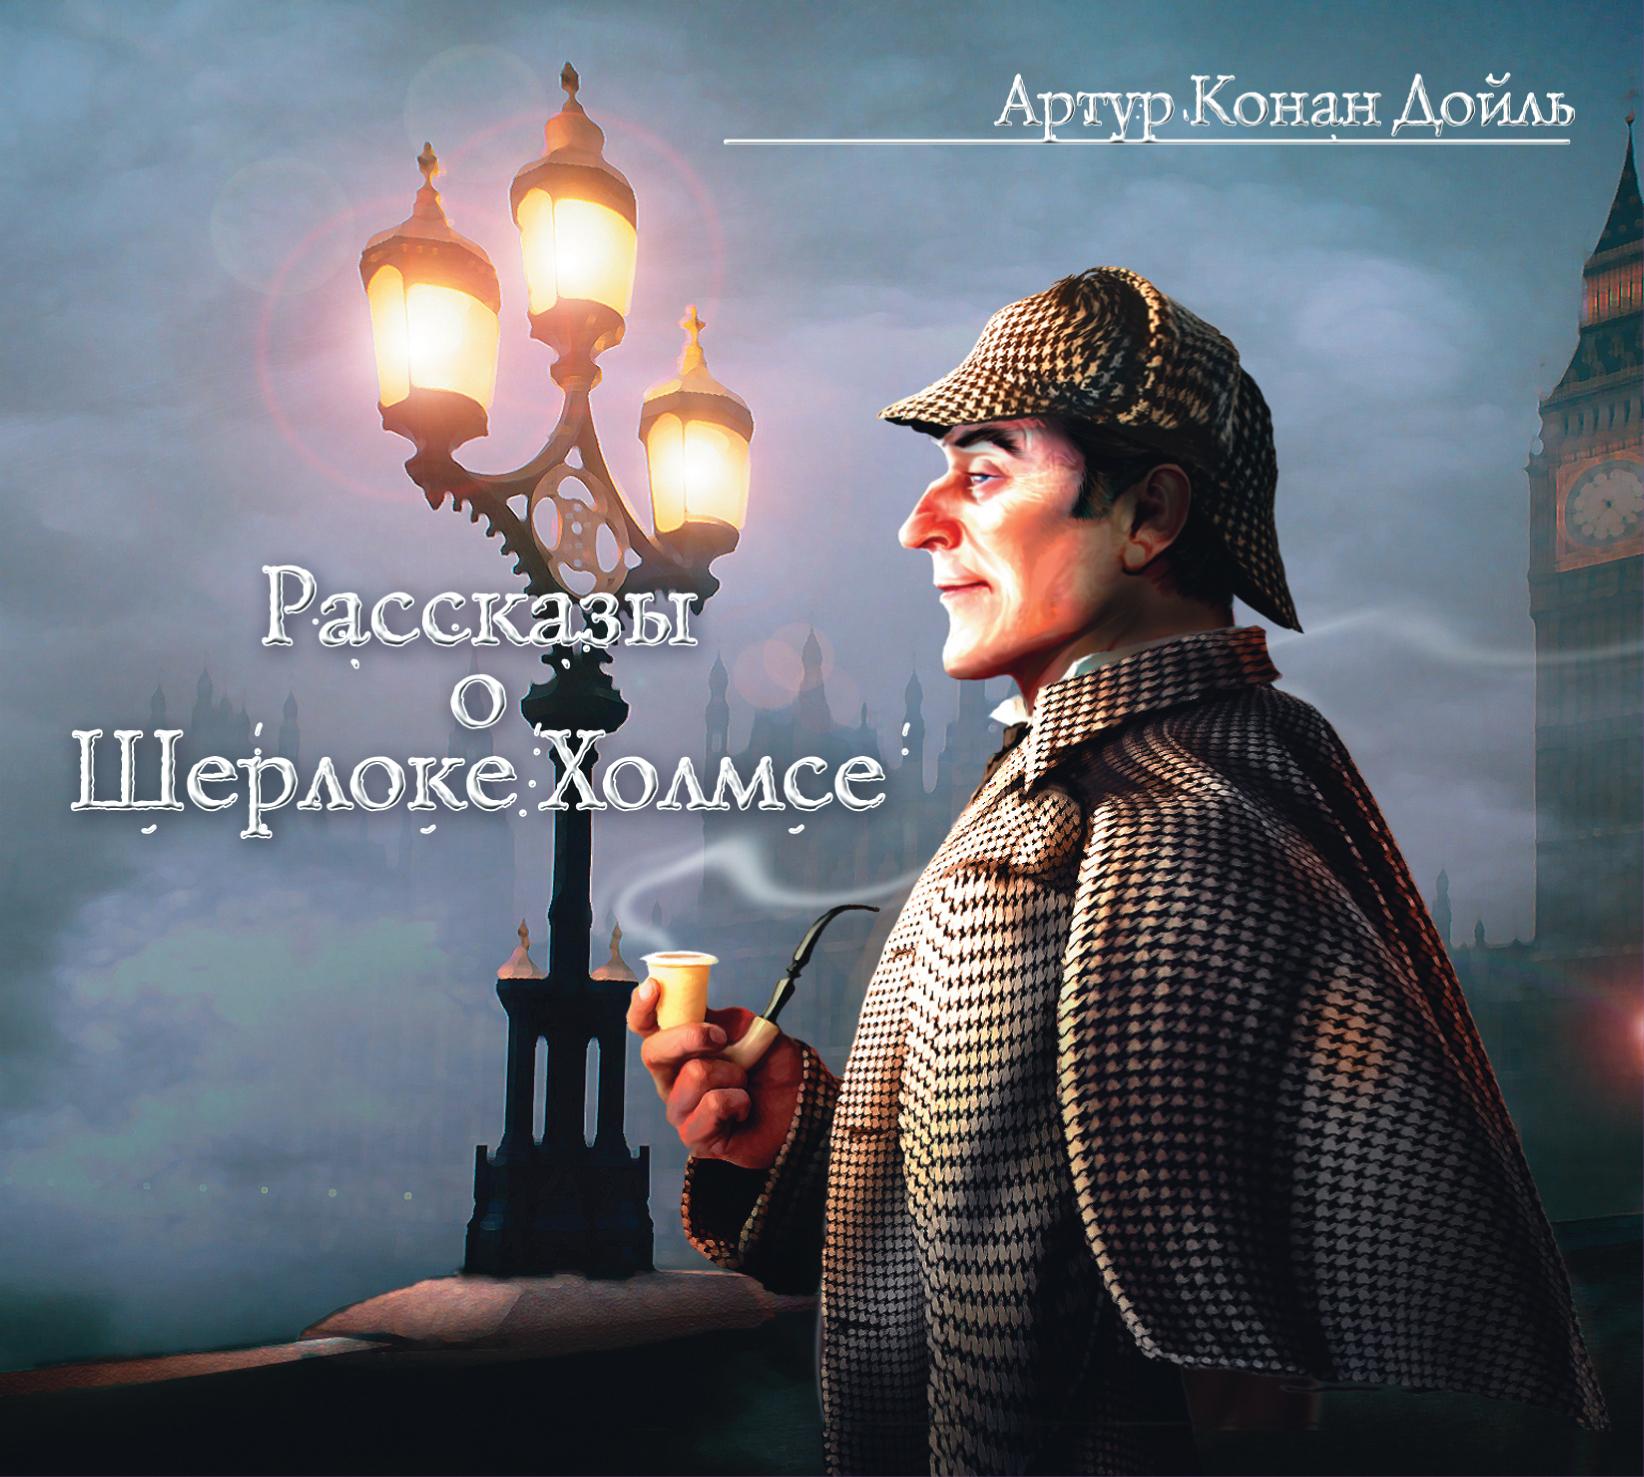 Артур Конан Дойл Рассказы о Шерлоке Холмсе словари и переводчики